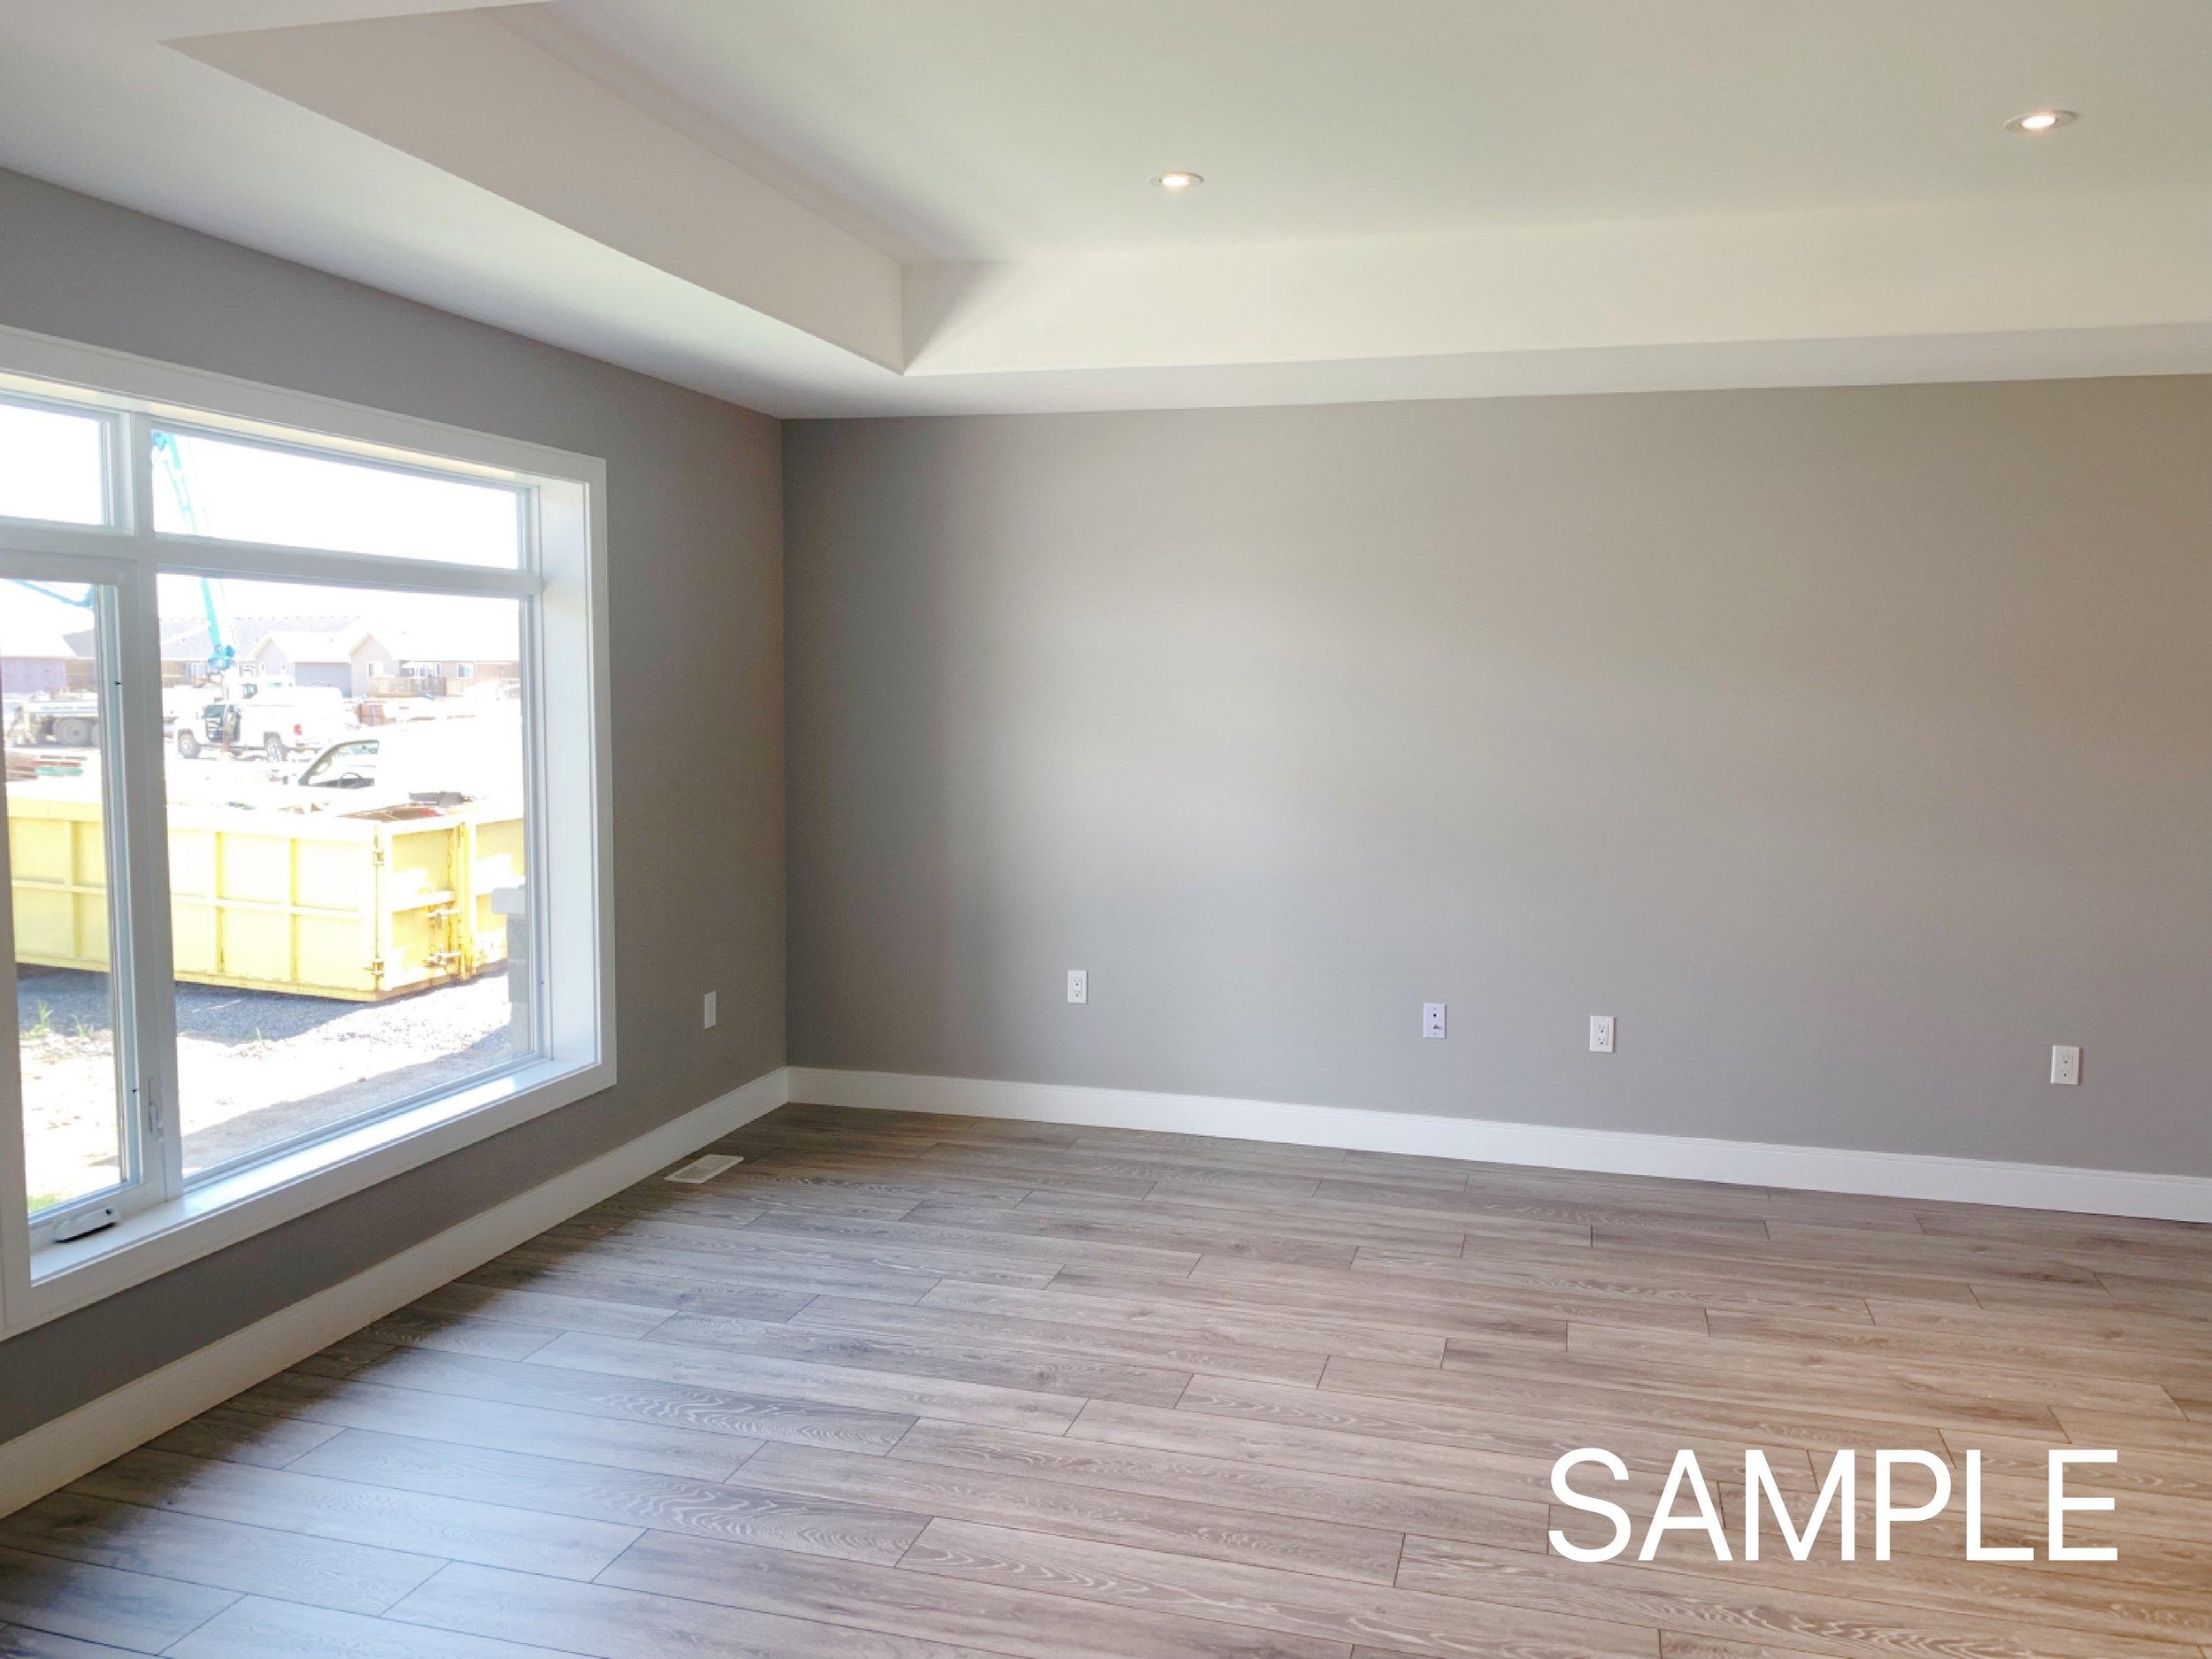 Cobblestone Cabot Living Room 2 Sample.jpg